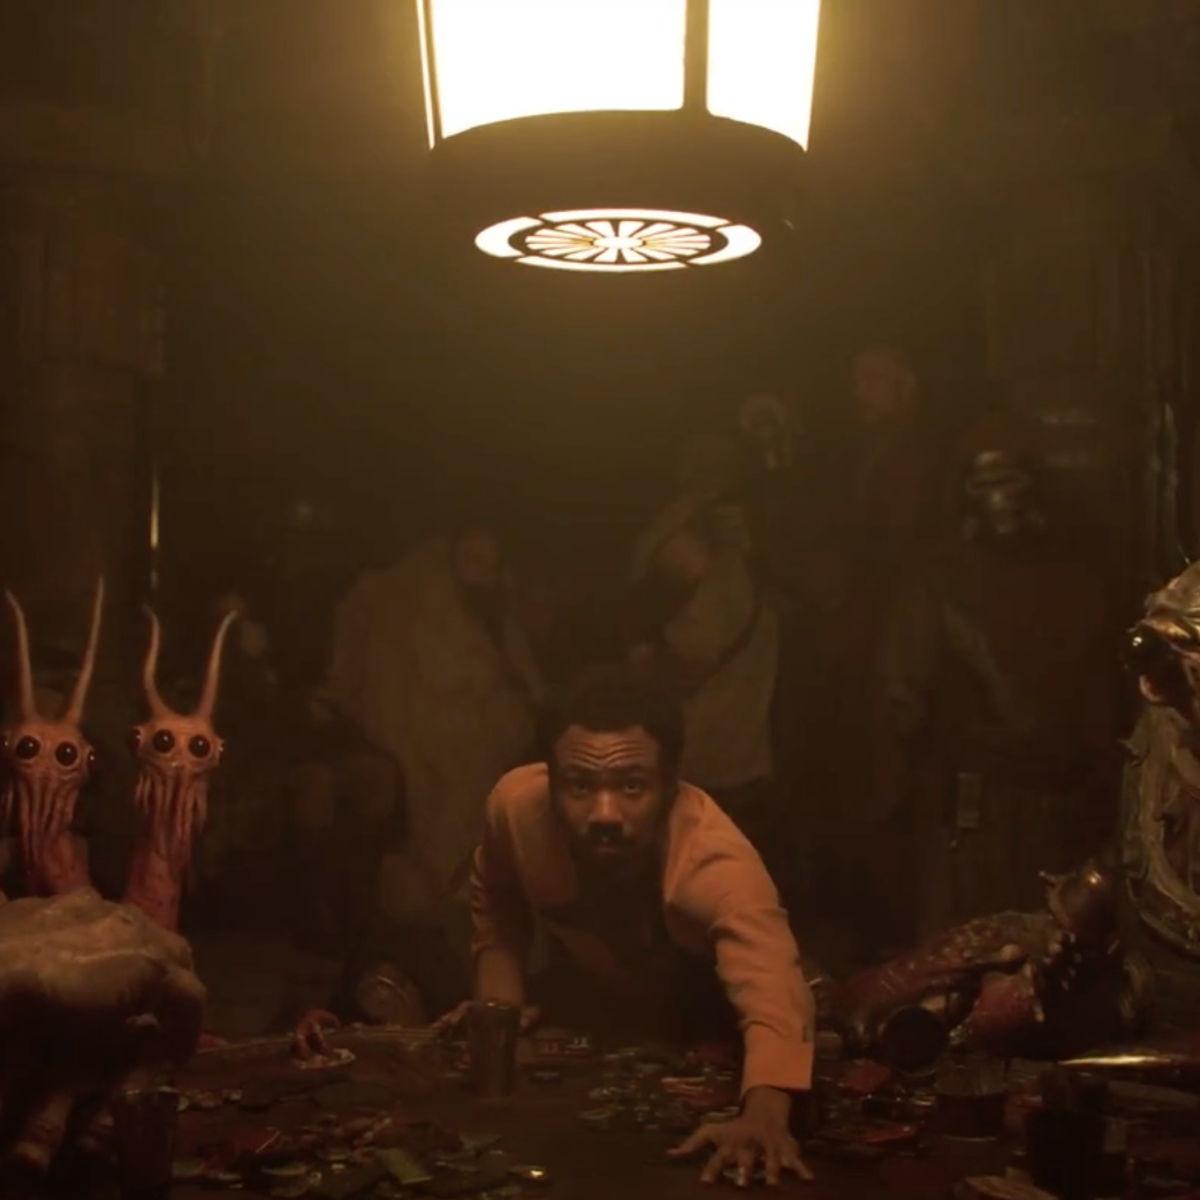 Solo trailer 2- Lando's game